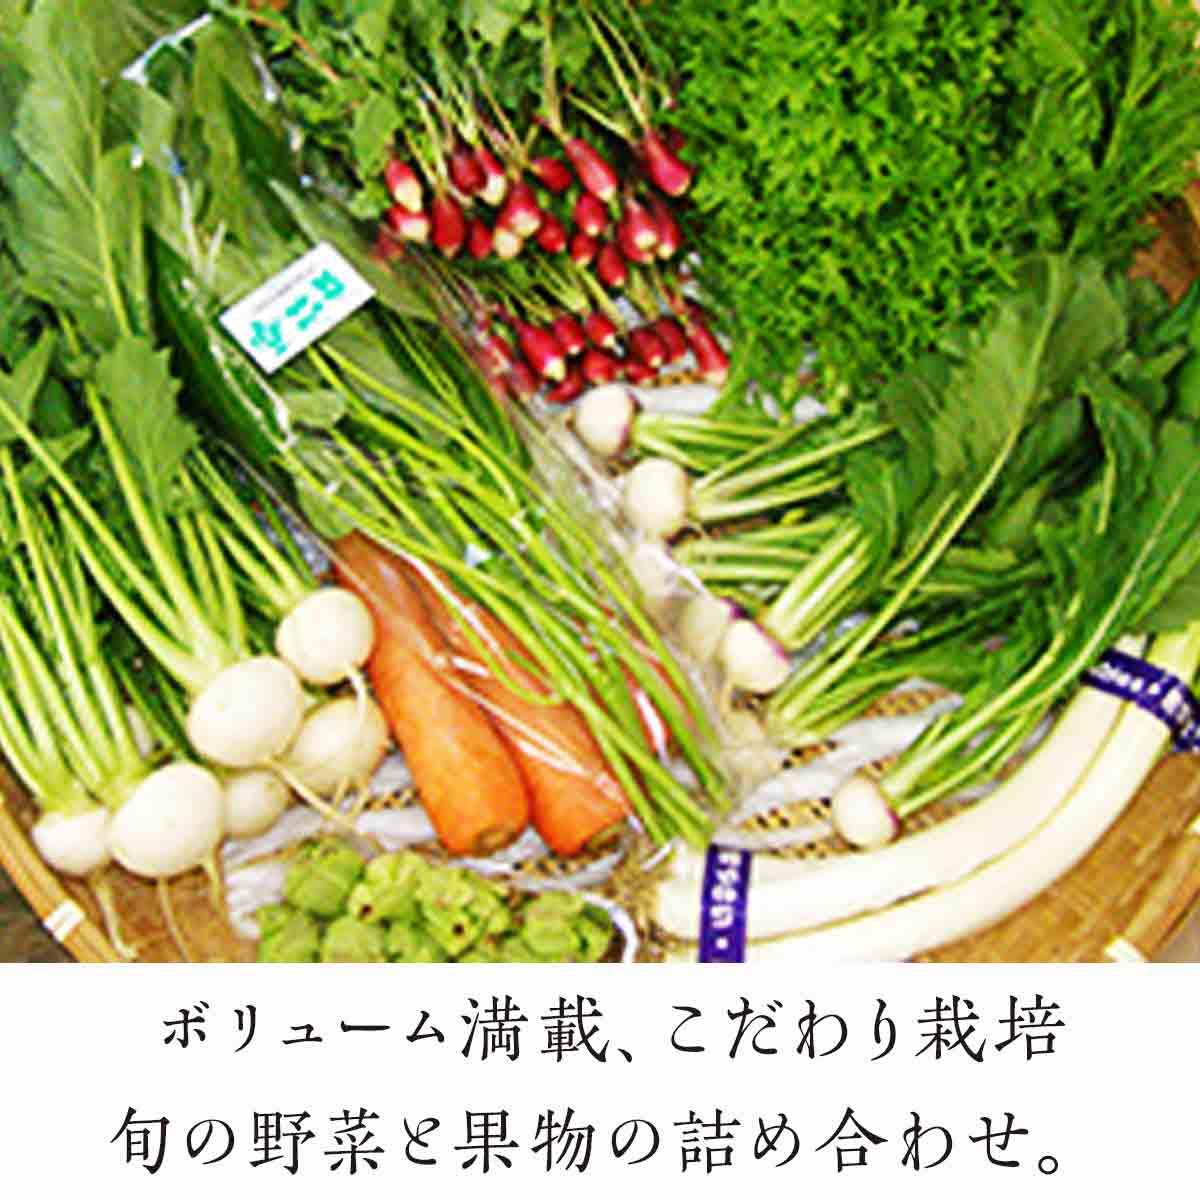 季節の野菜や果物の詰め合わせ